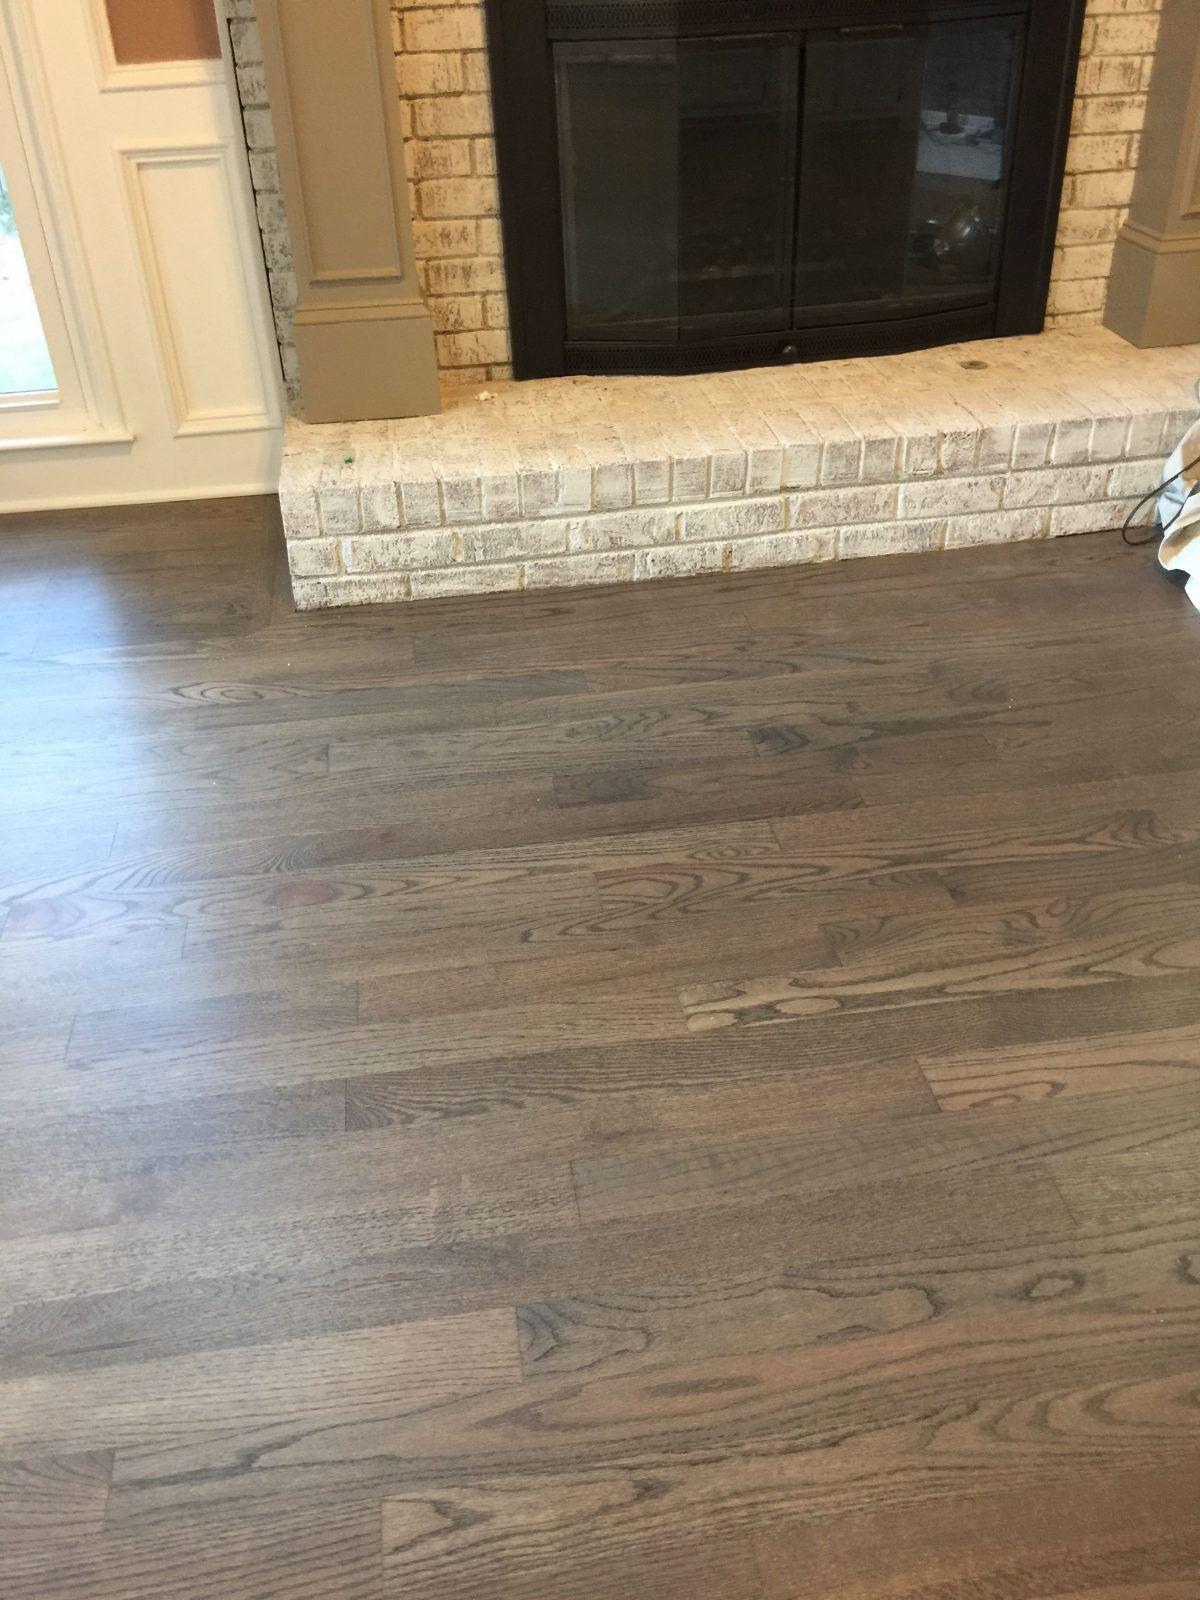 Choosing The Best Farmhouse Style Floor Stain Hammers N Hugs In 2020 Red Oak Floors Hardwood Floor Colors Wood Floor Stain Colors